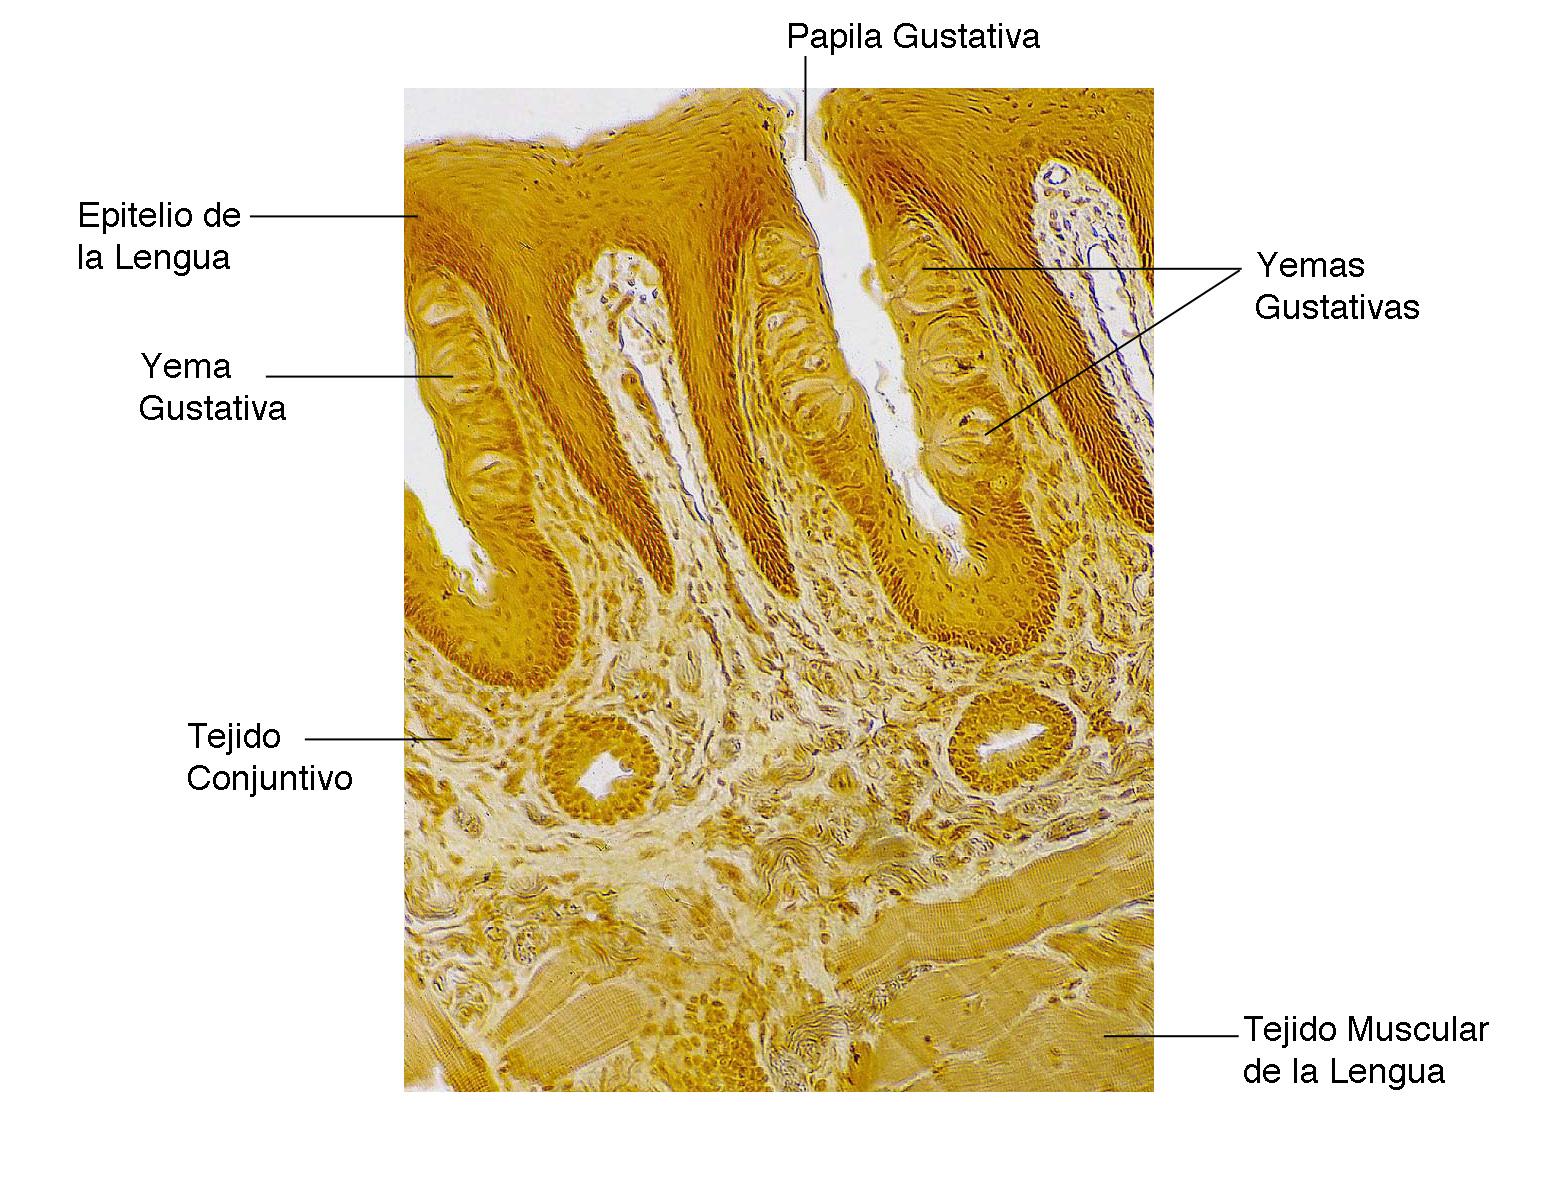 el moderno prometeo: Anatomía del gusto y el olfato.